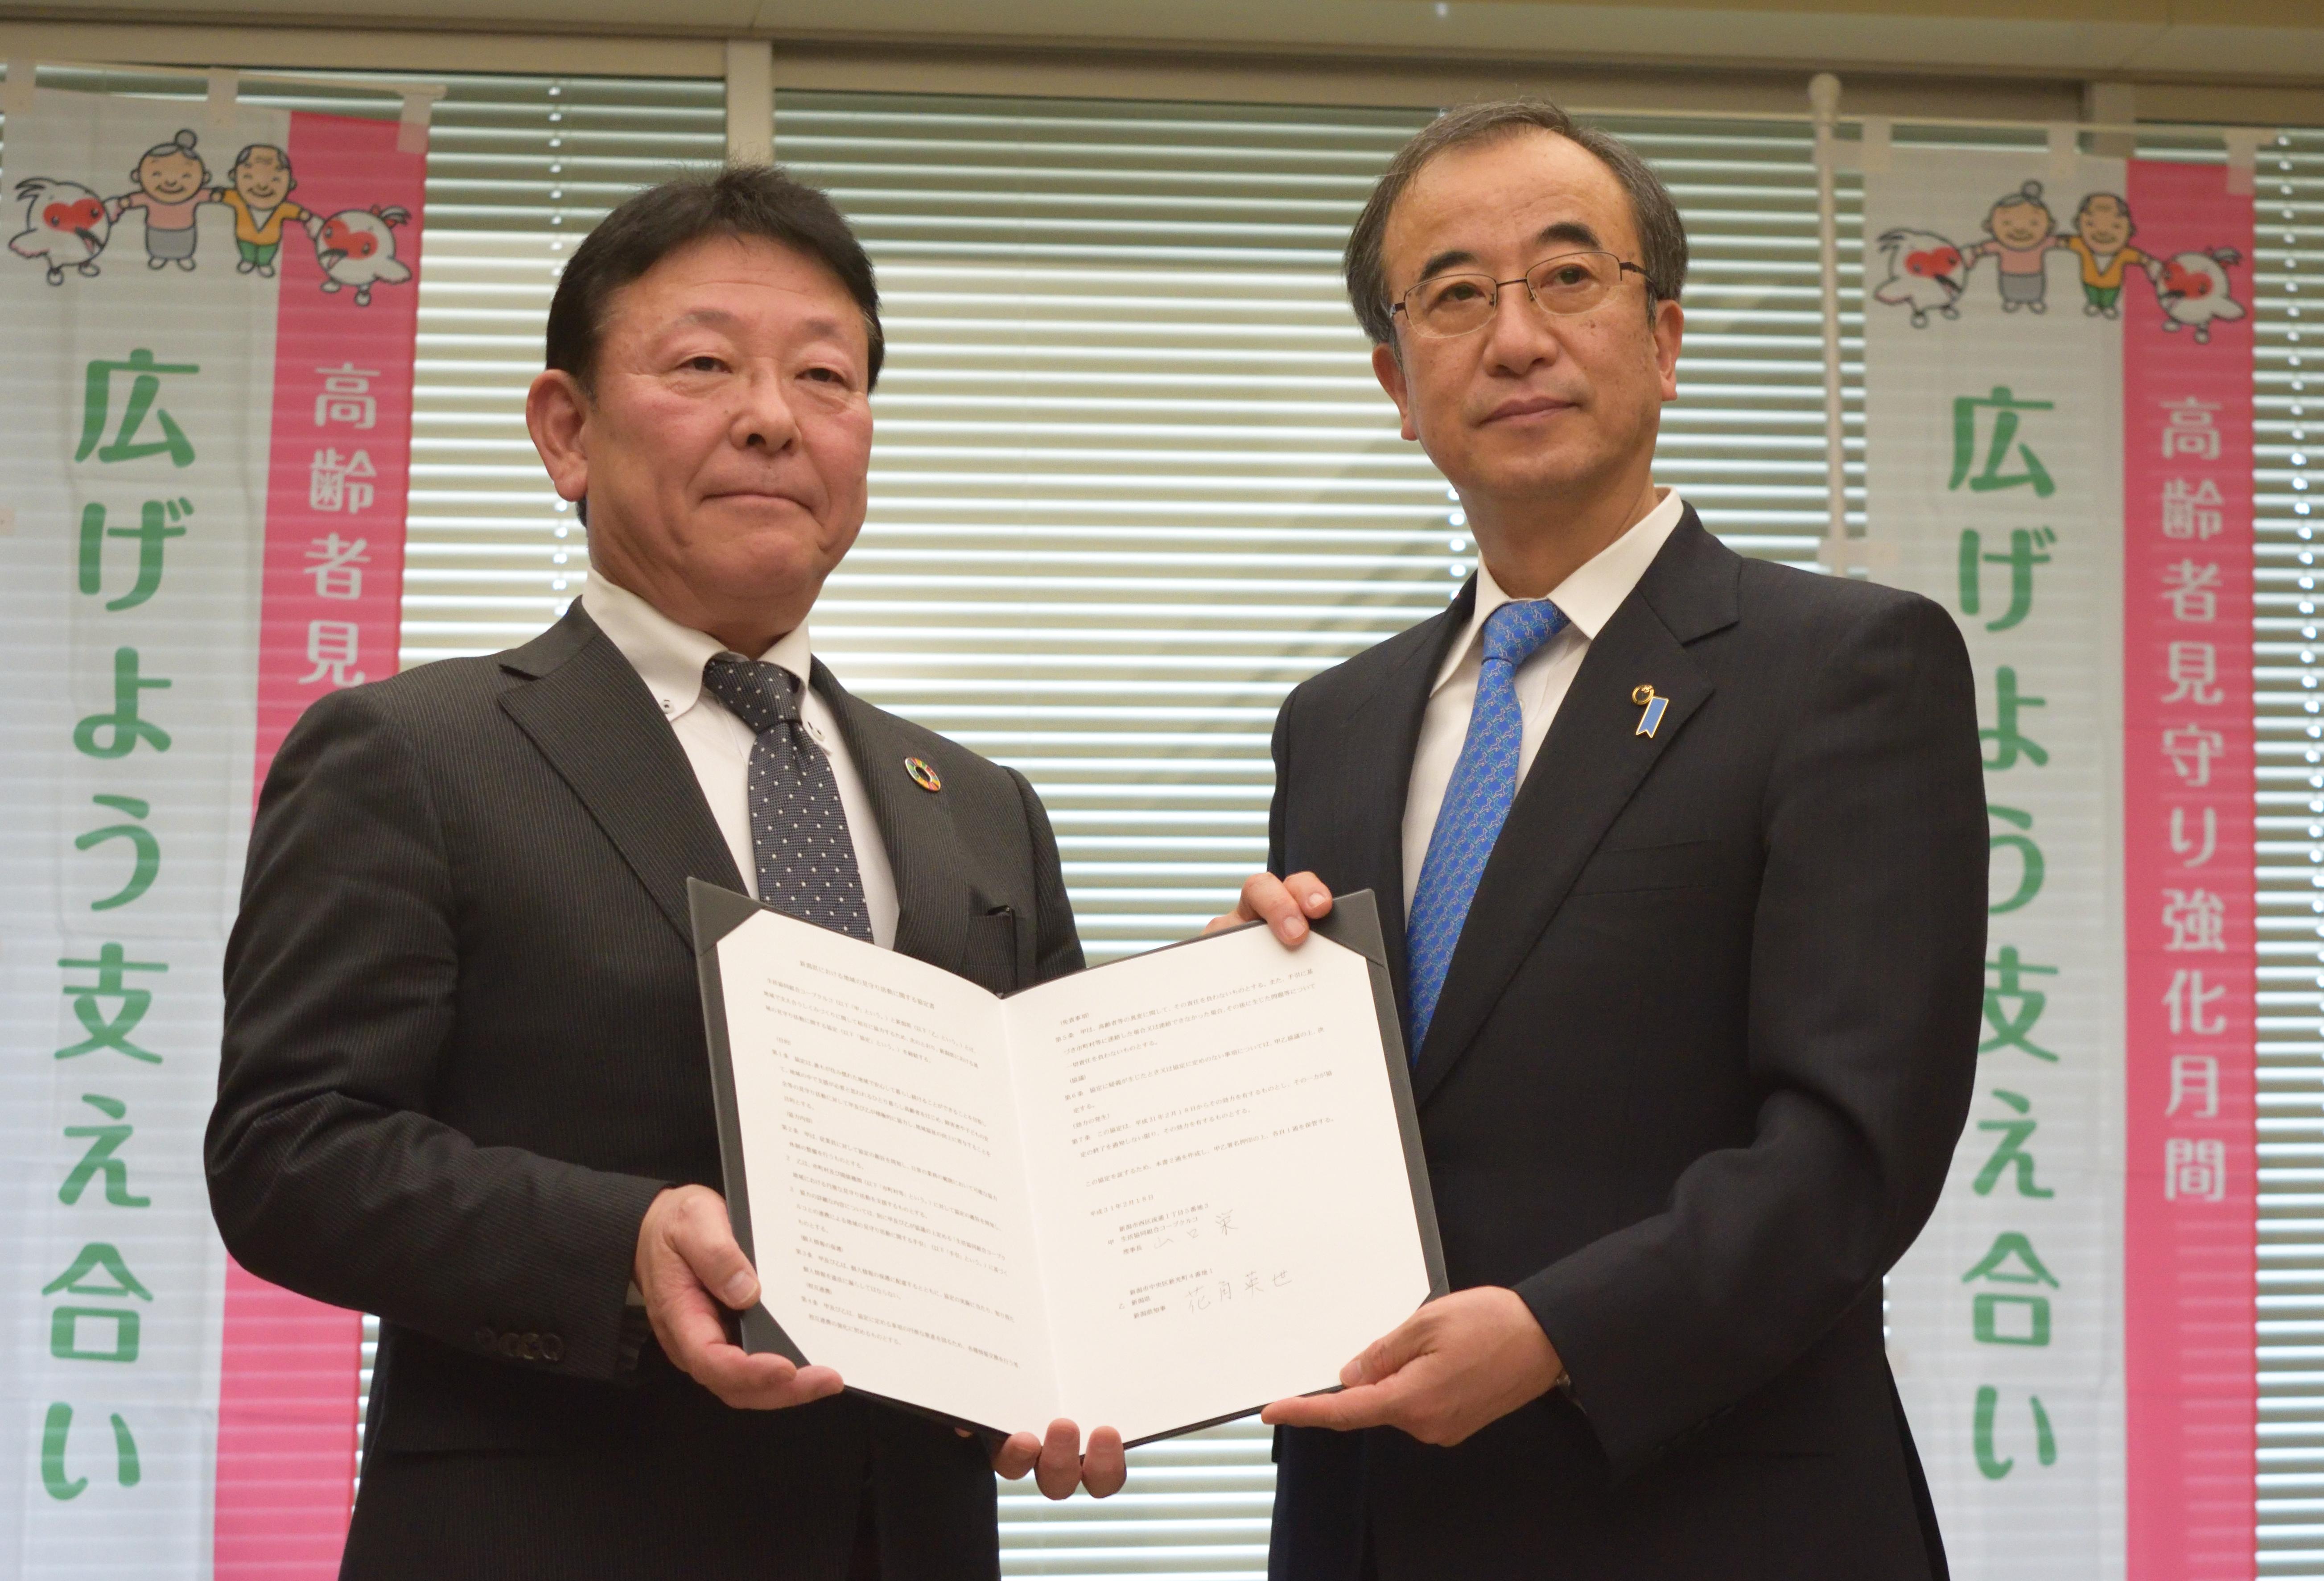 山口コープクルコ理事長(写真左)、 花角英世新潟県知事(写真右)